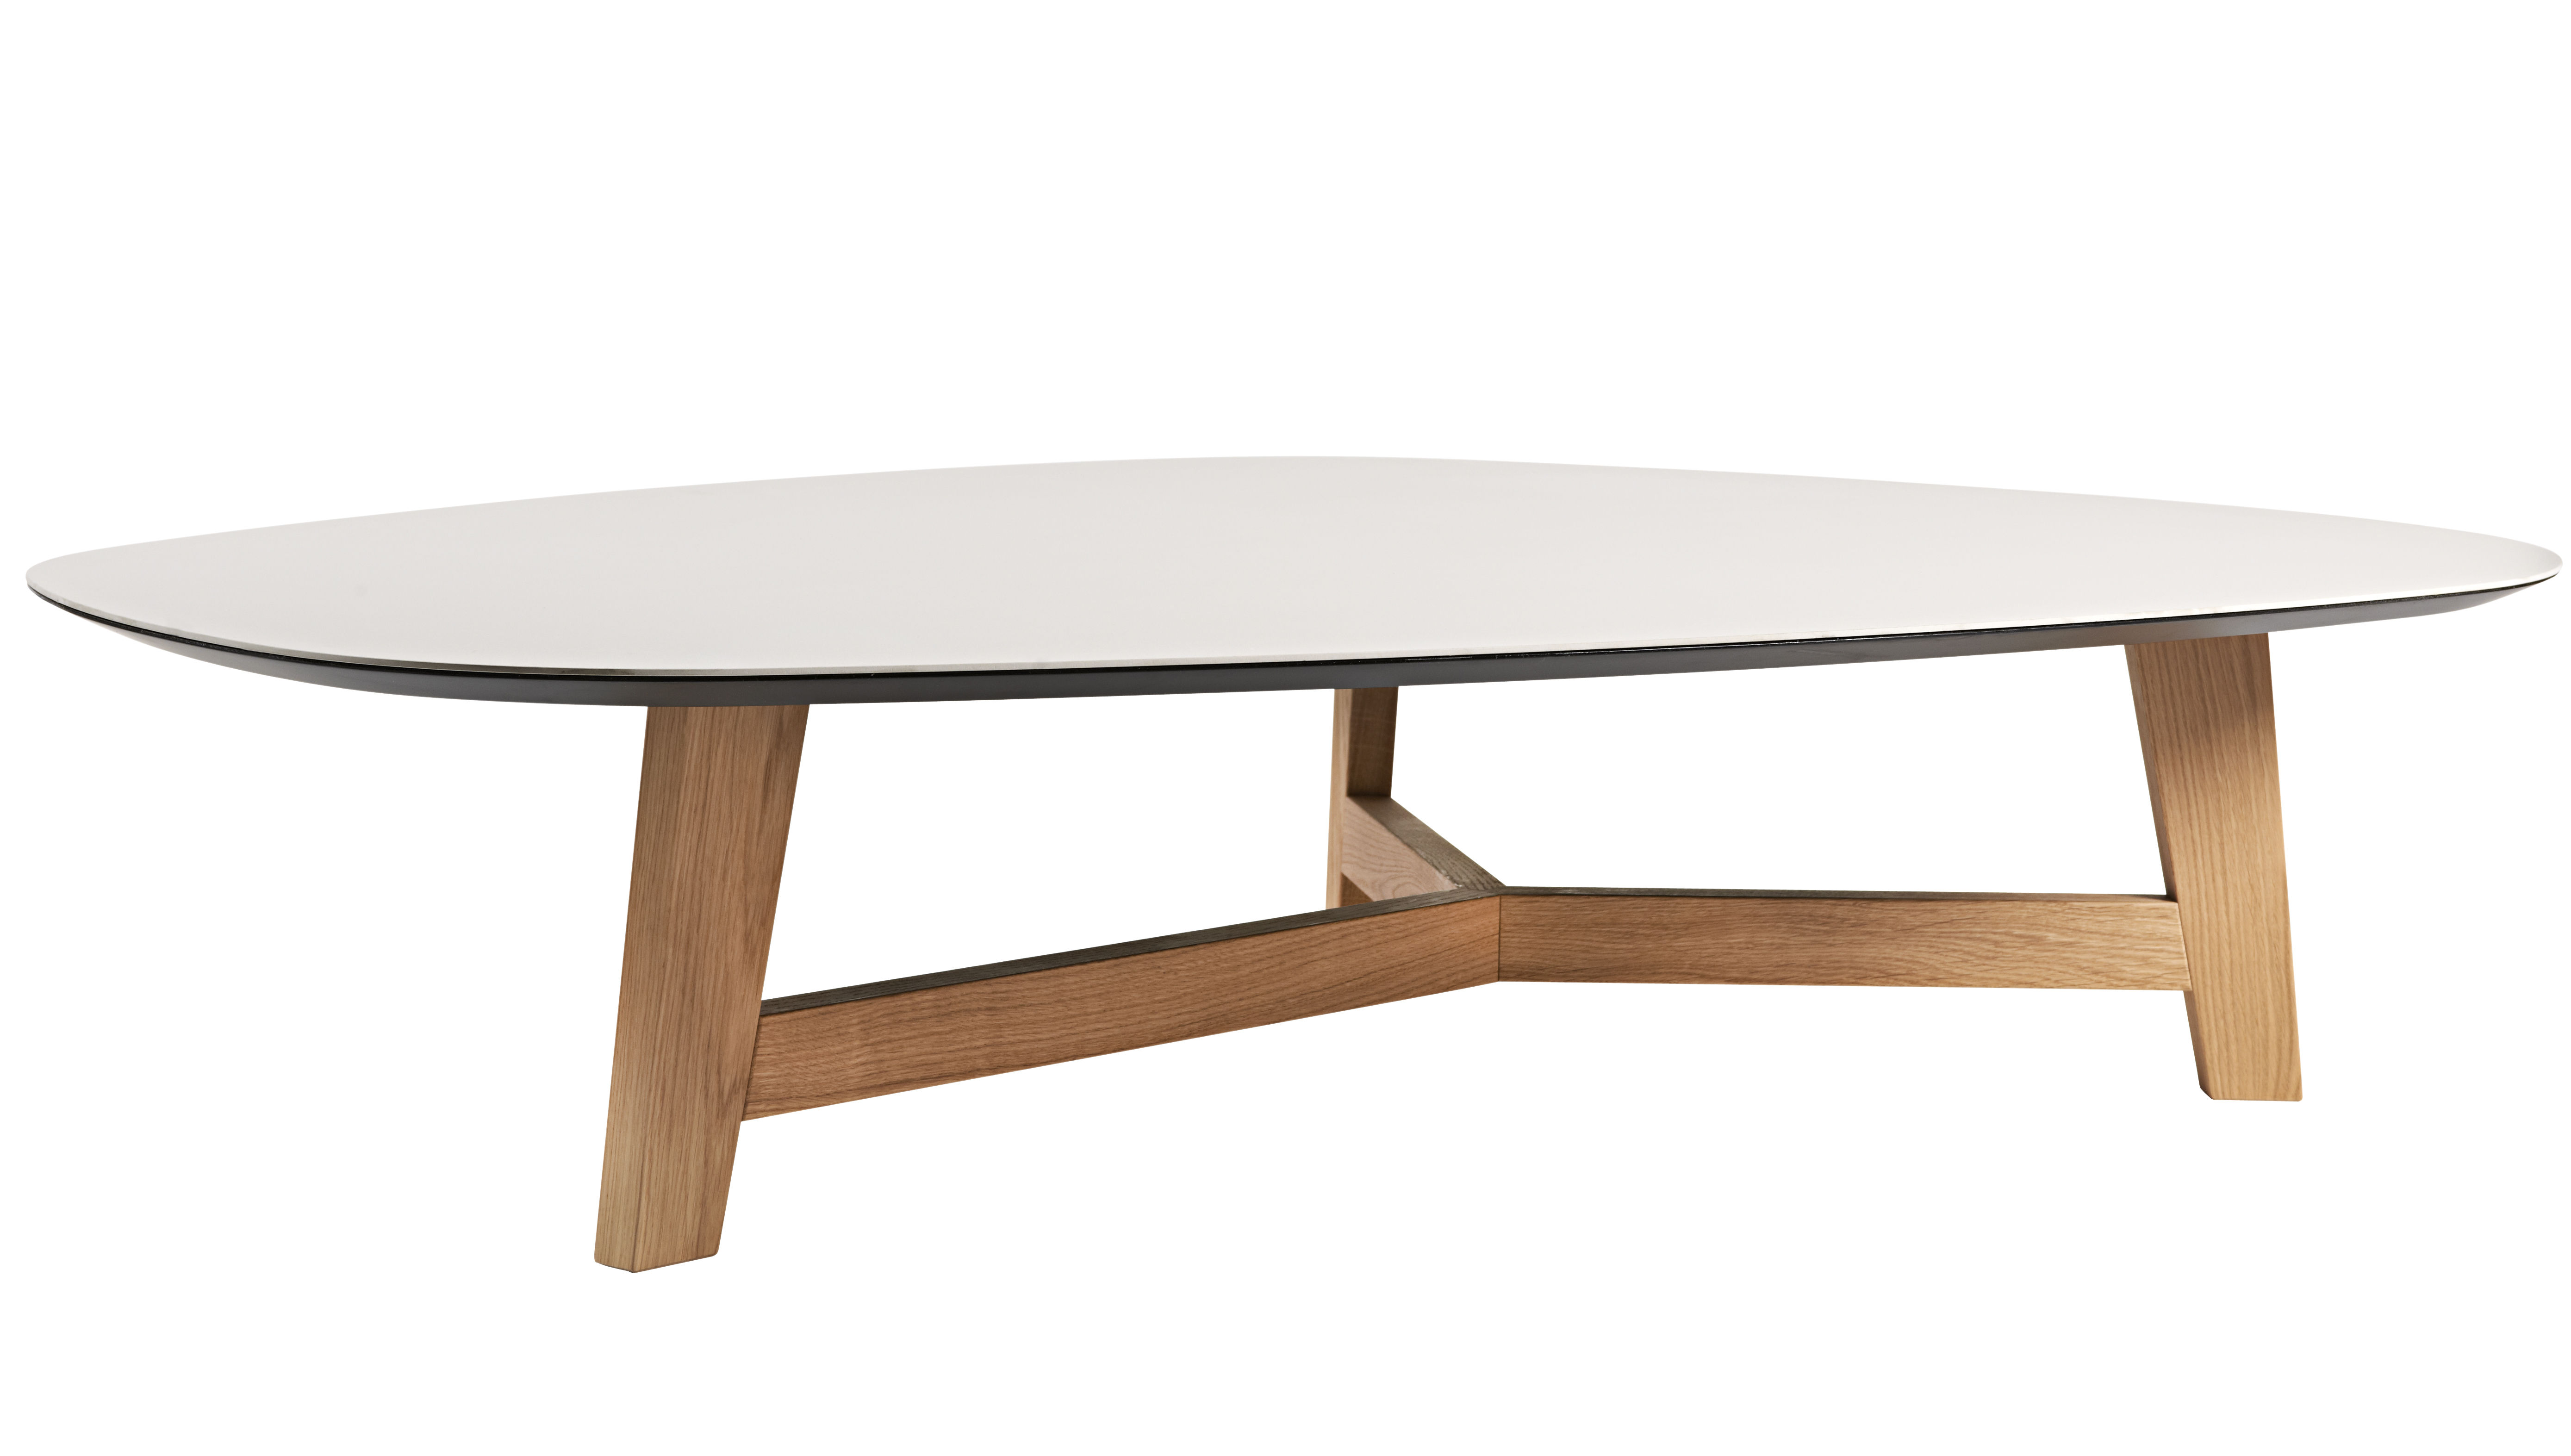 Mobilier - Tables basses - Table basse T-Phoenix / Grand plateau - Pied chêne - Moroso - Plateau gris clair / Pied chêne naturel - Céramique, Chêne naturel, MDF